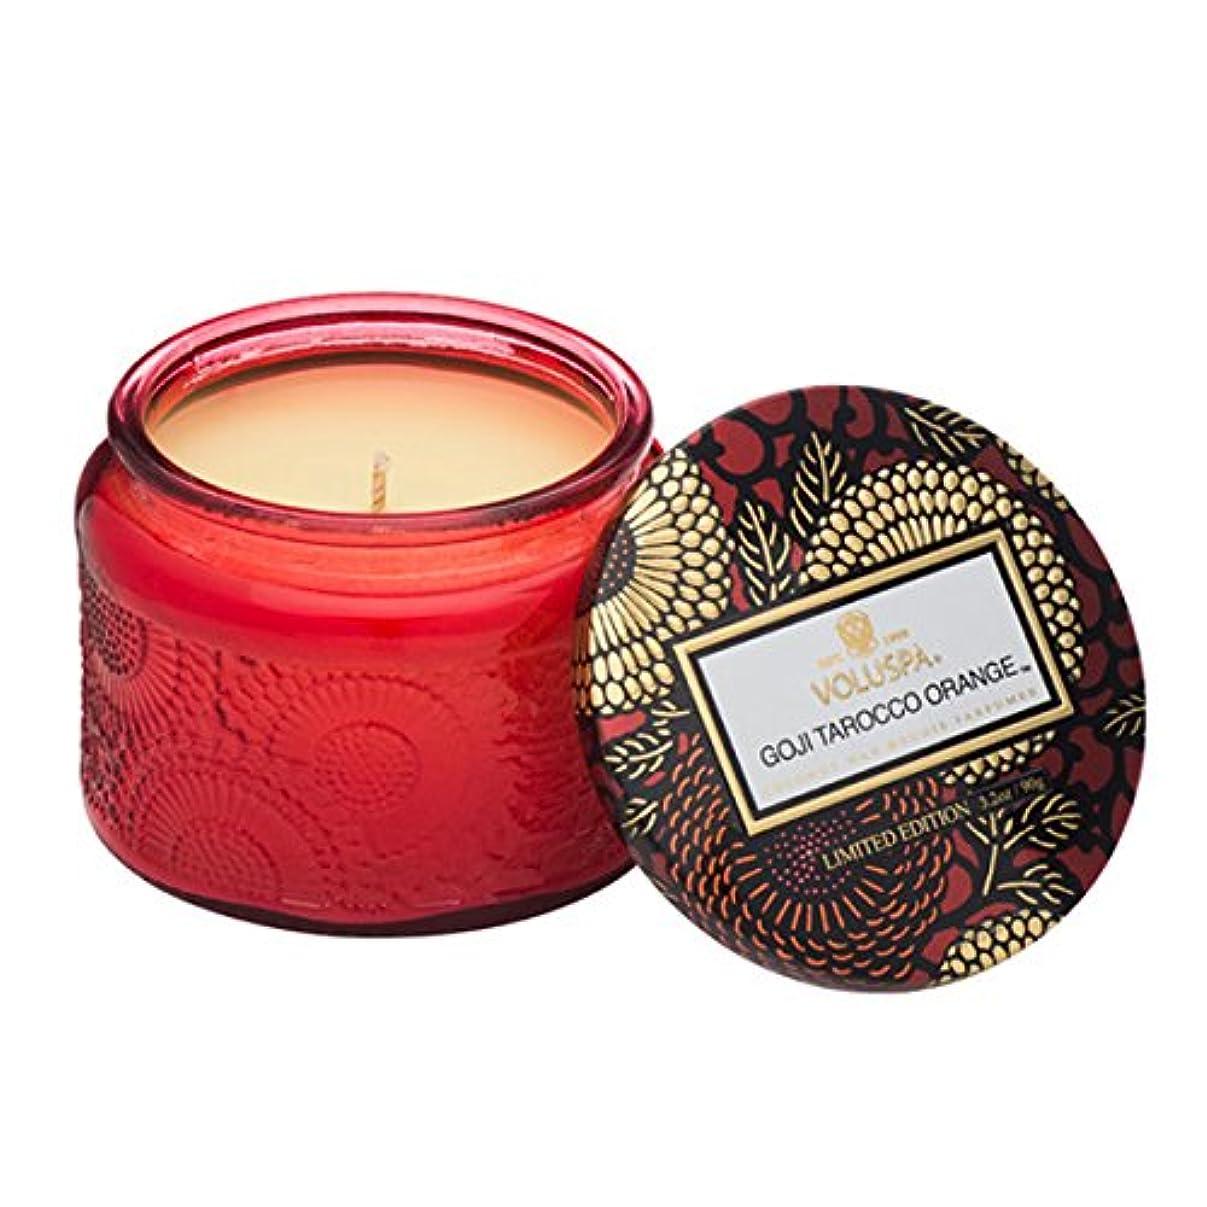 費用乗って司書Voluspa ボルスパ ジャポニカ リミテッド グラスジャーキャンドル  S ゴージ&タロッコオレンジ GOJI & TAROCCO ORANGE JAPONICA Limited PETITE EMBOSSED Glass jar candle